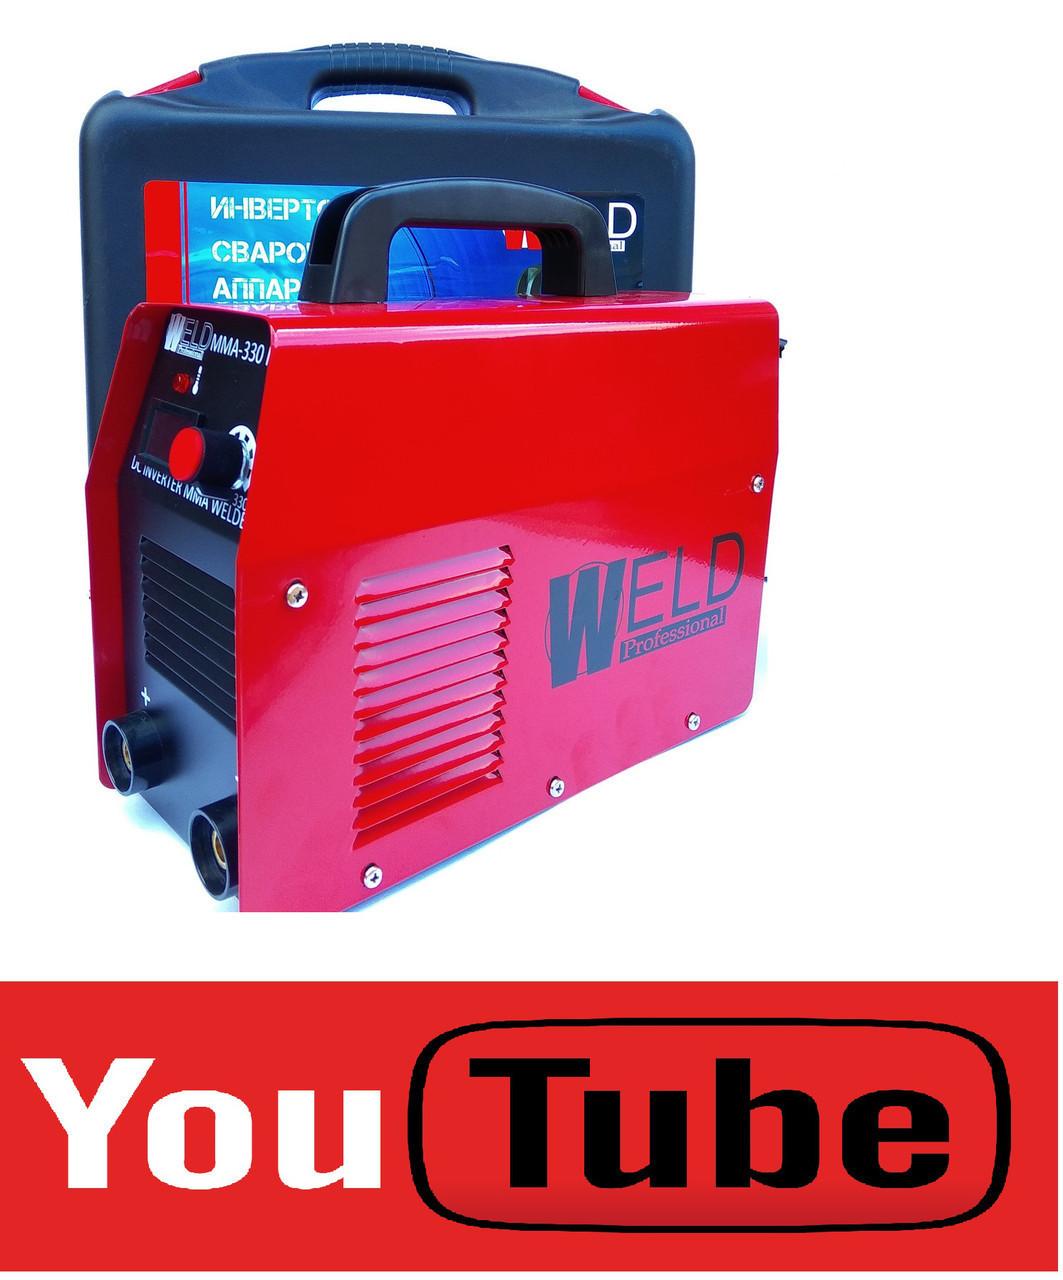 Сварочный инвертор Weld MMA 370 кейс дисплей Video